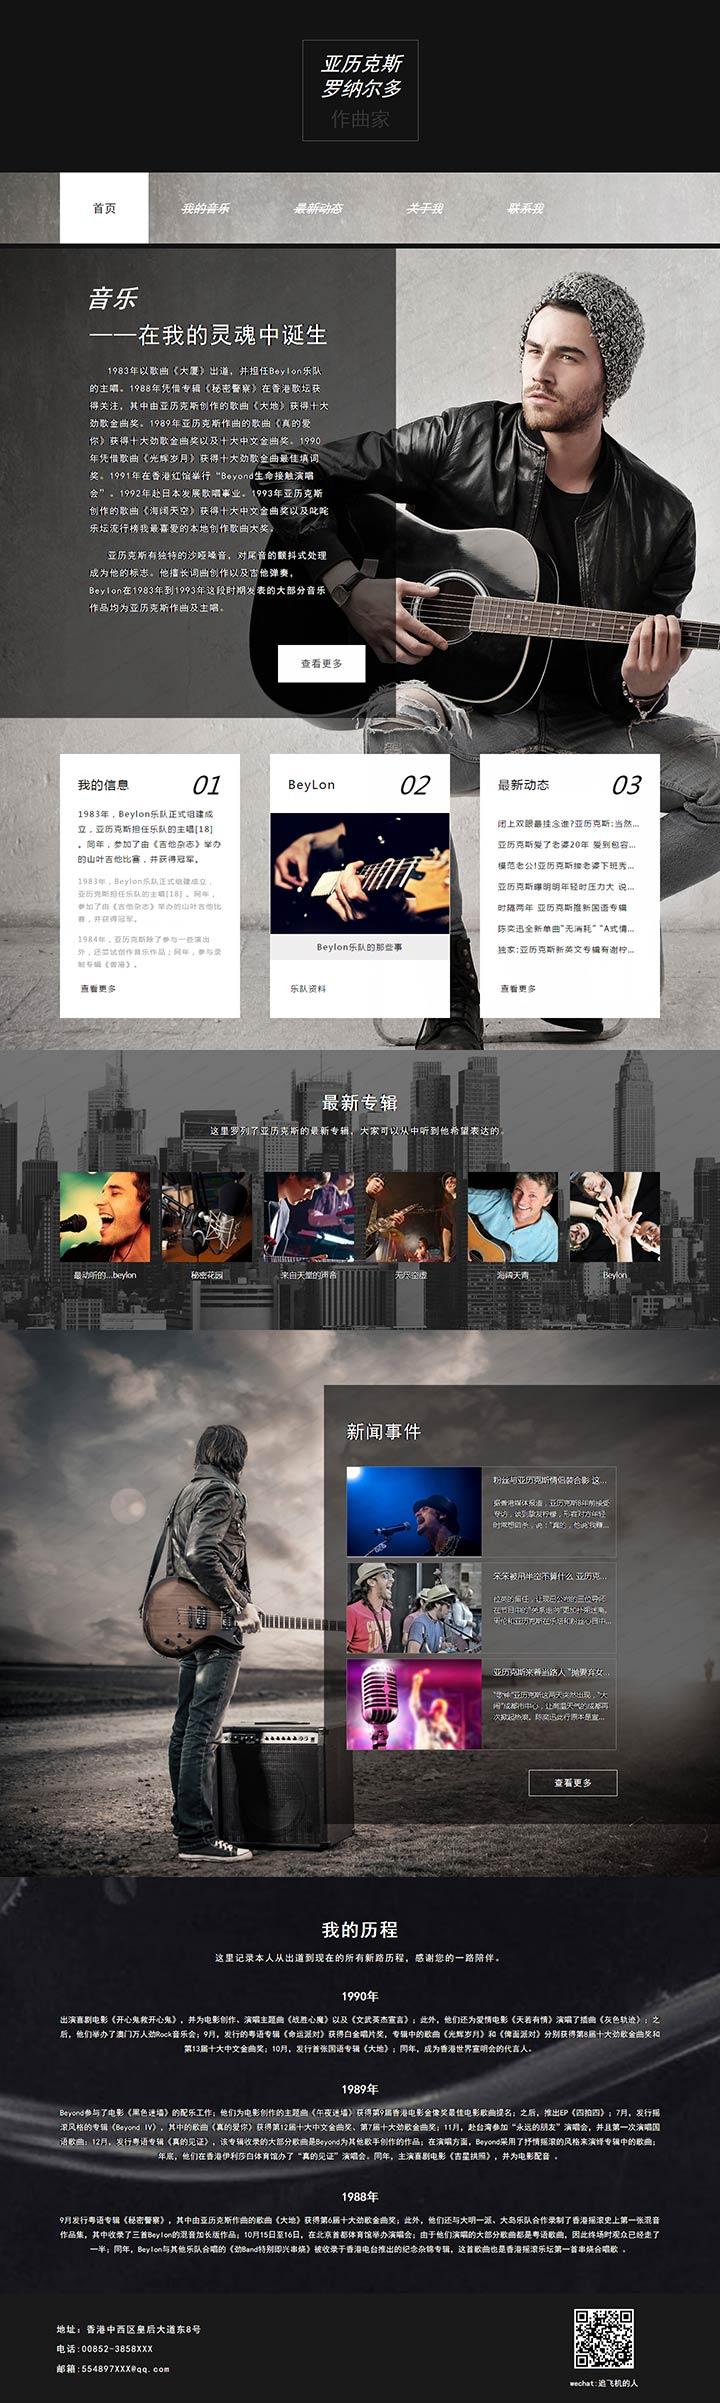 个人主页网站模板